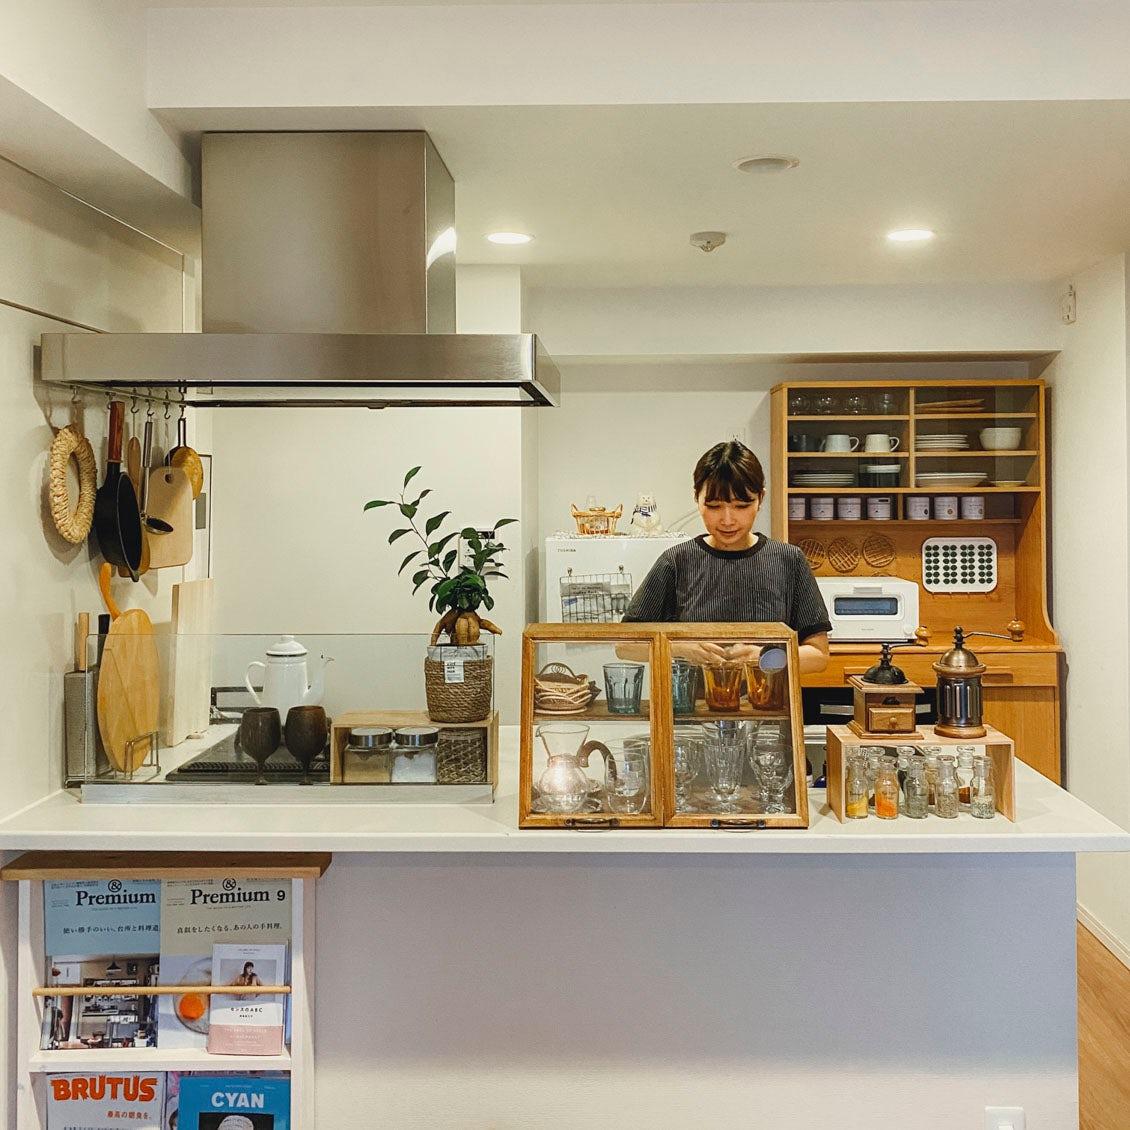 【暮らしを変える家具選び】バイヤー石谷が選んだ、1LDK二人暮らしのダイニングテーブル